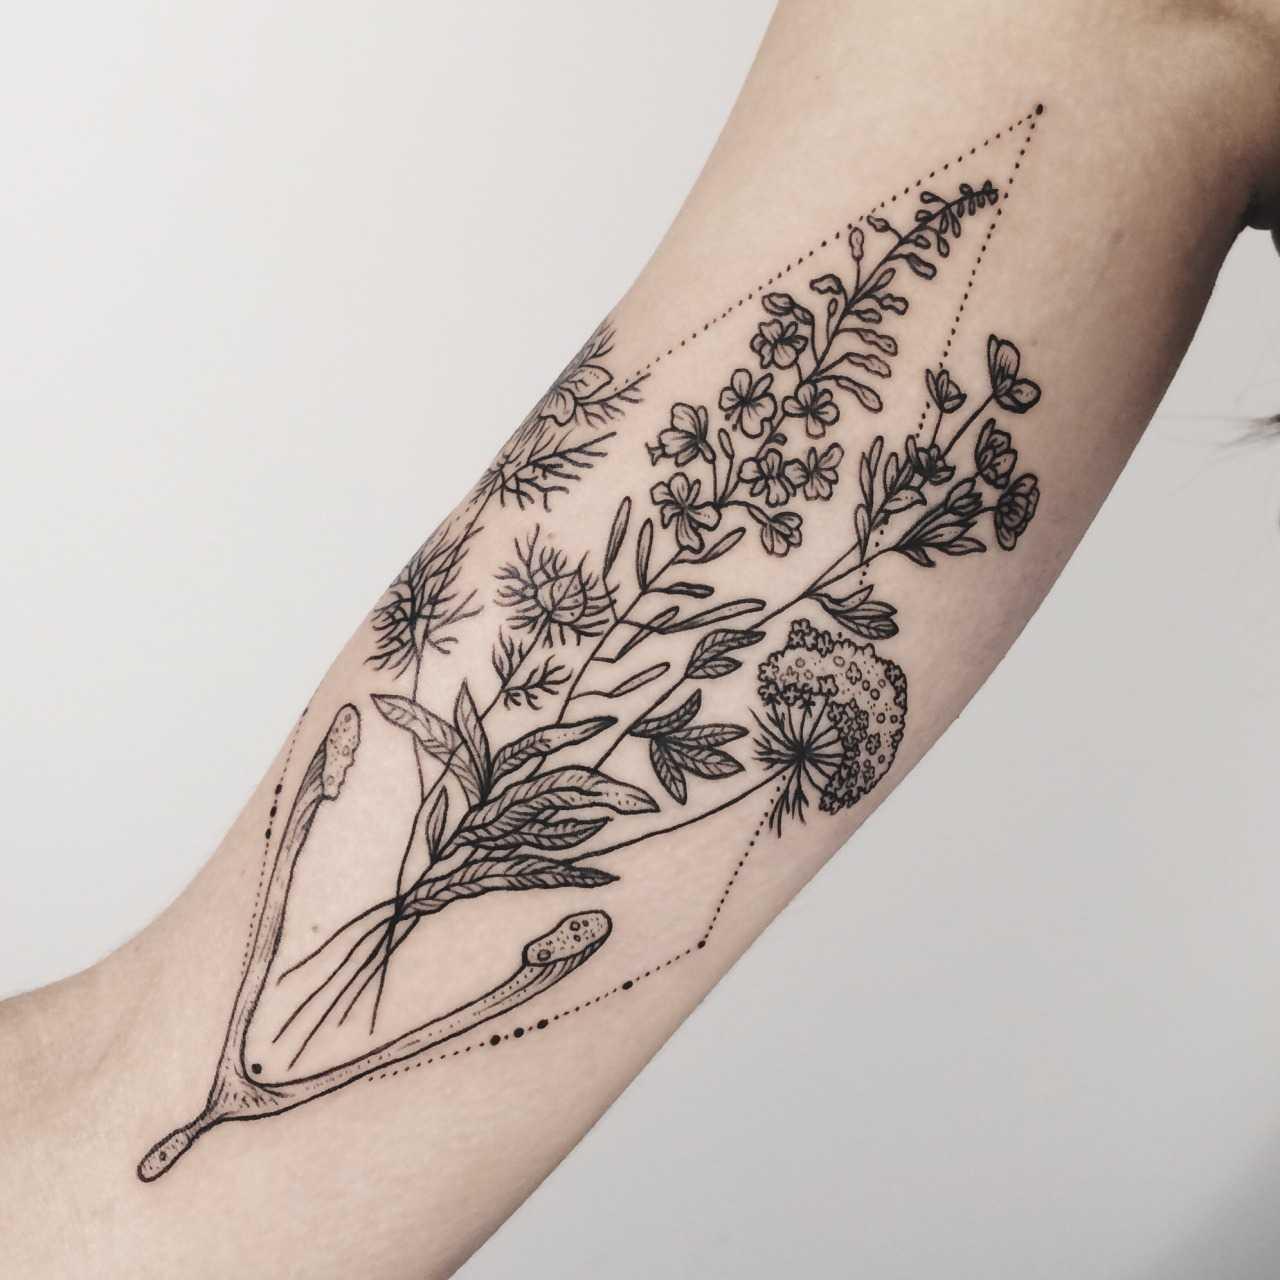 Flora of Alaska and wishbone tattoo by Pony Reinhardt